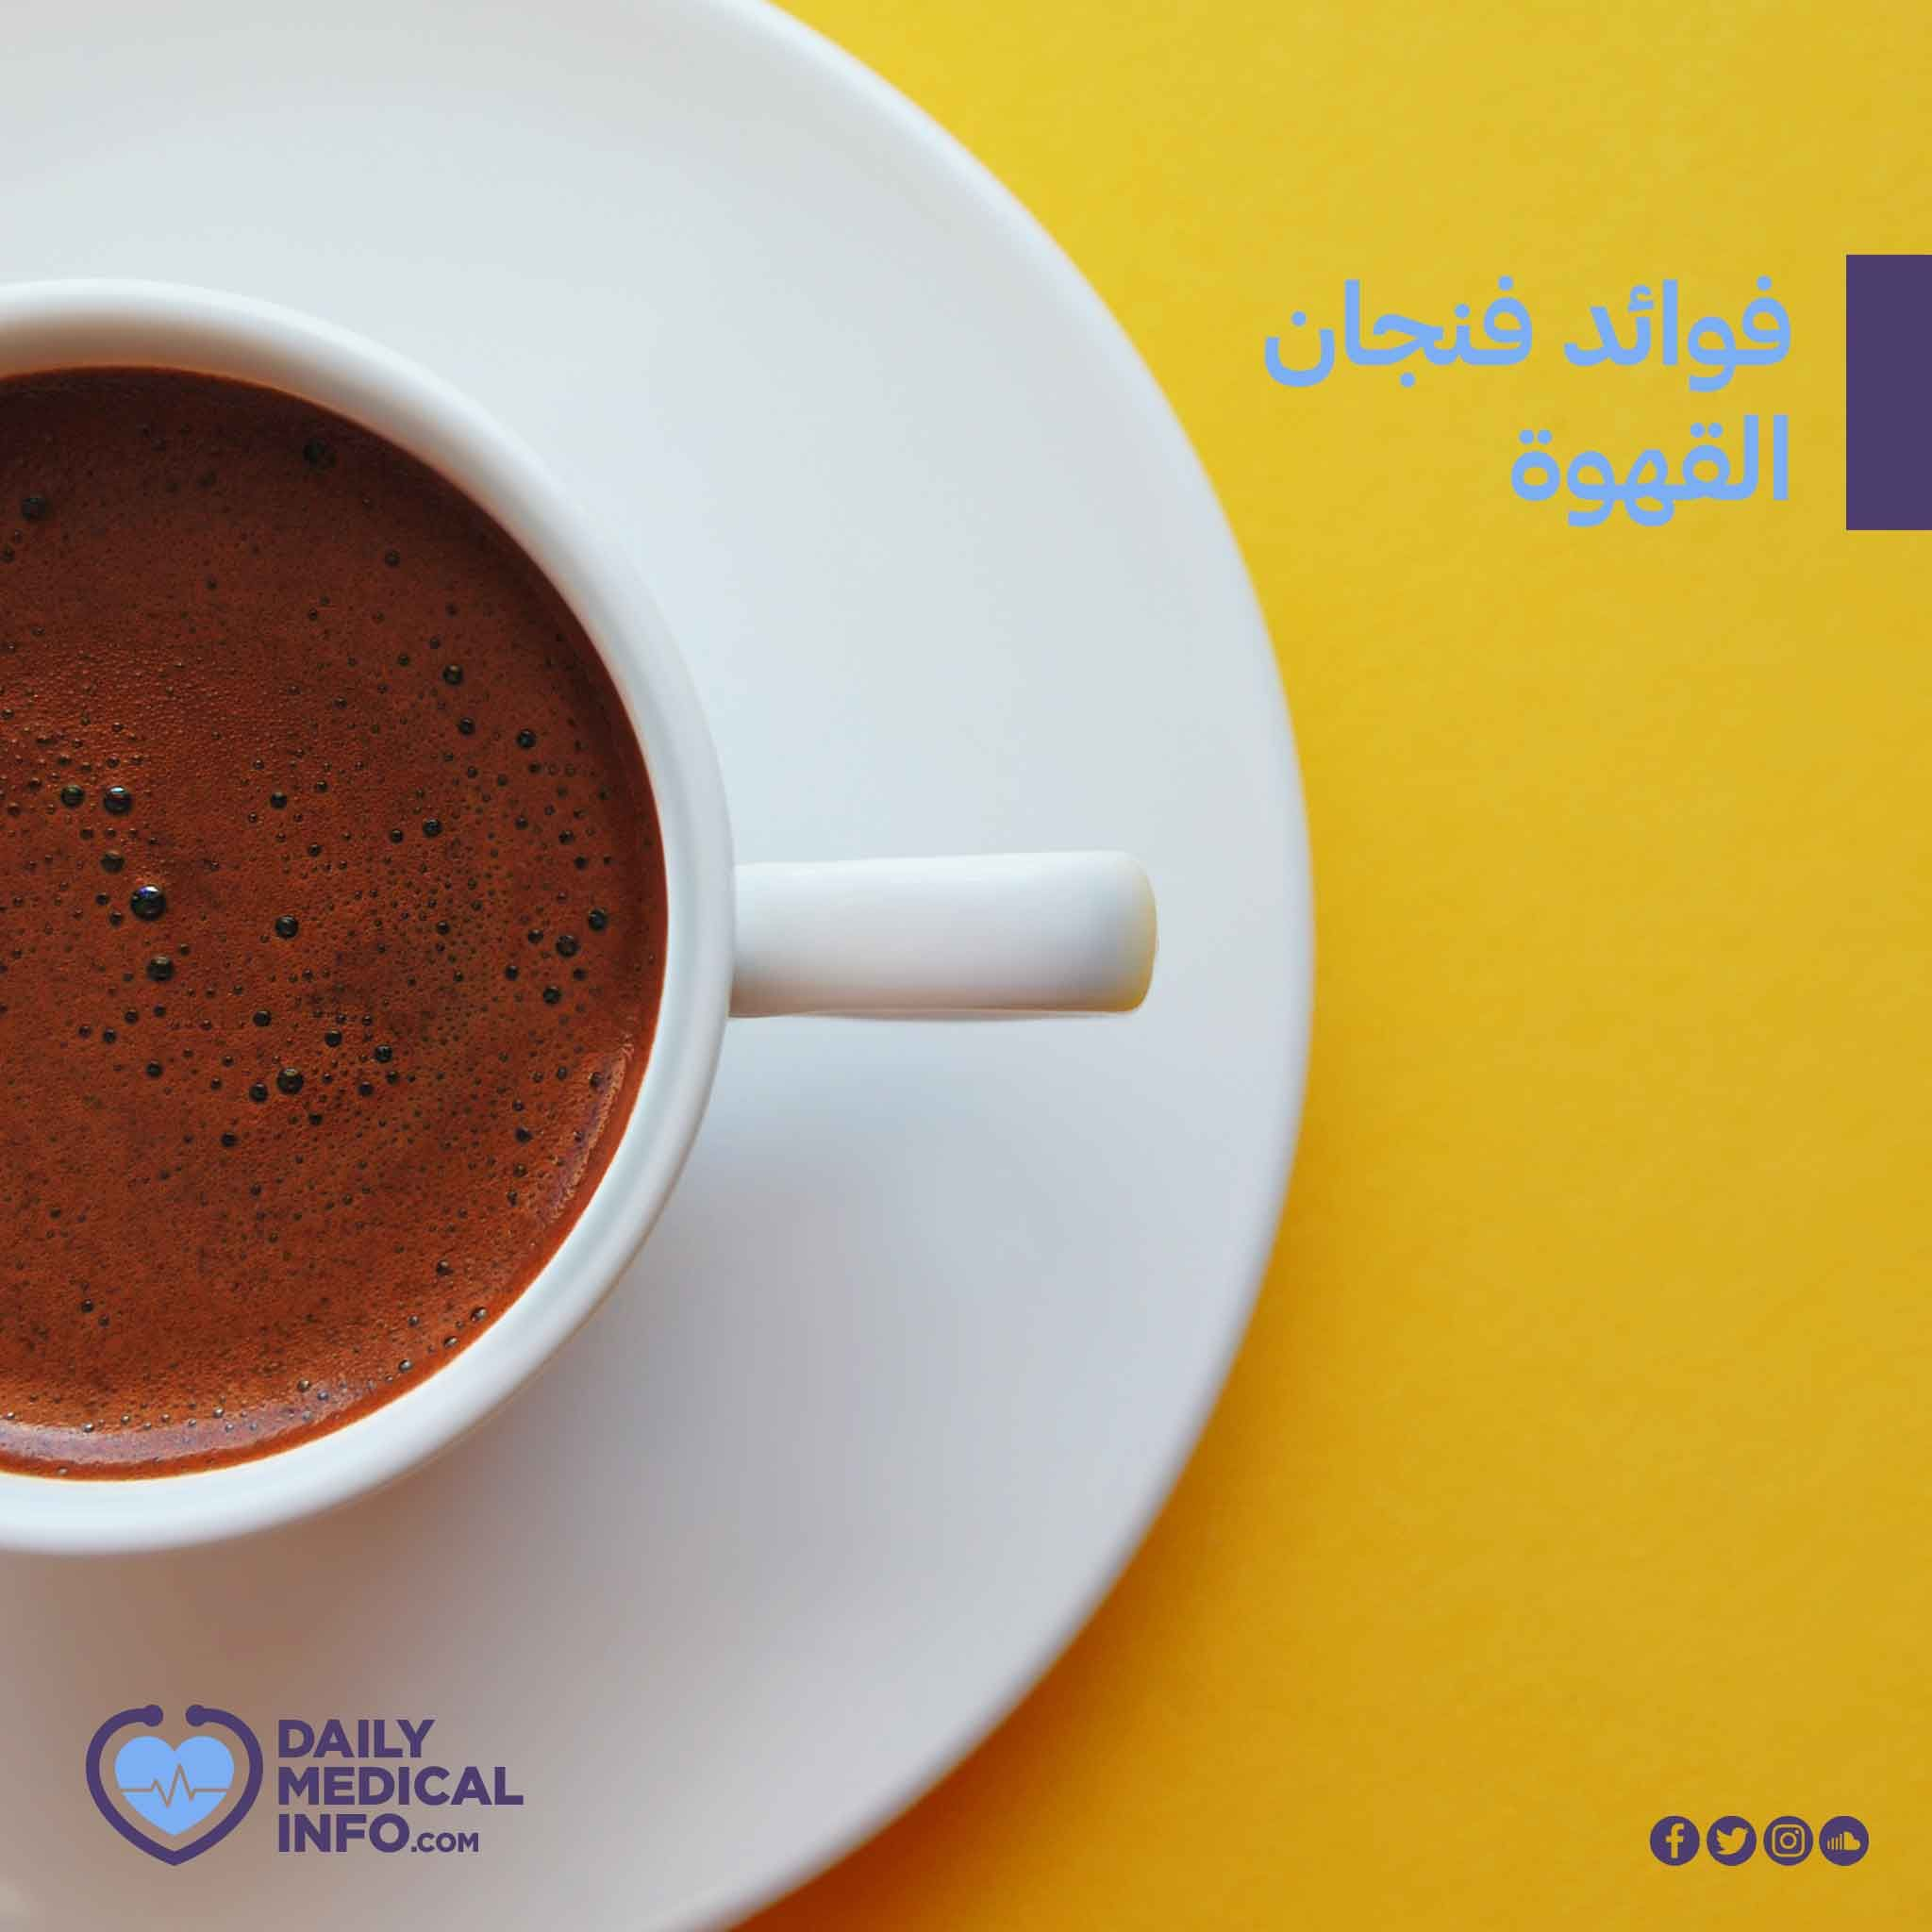 يفضل محبي القهوة تناول كوب ساخن في وقت الظهيرة للحصول على بعض الطاقة خلال اليوم ولكن هل تعلم أن للقهوة فوائد أخرى ومتعددة مثل ال Tableware Health Glassware